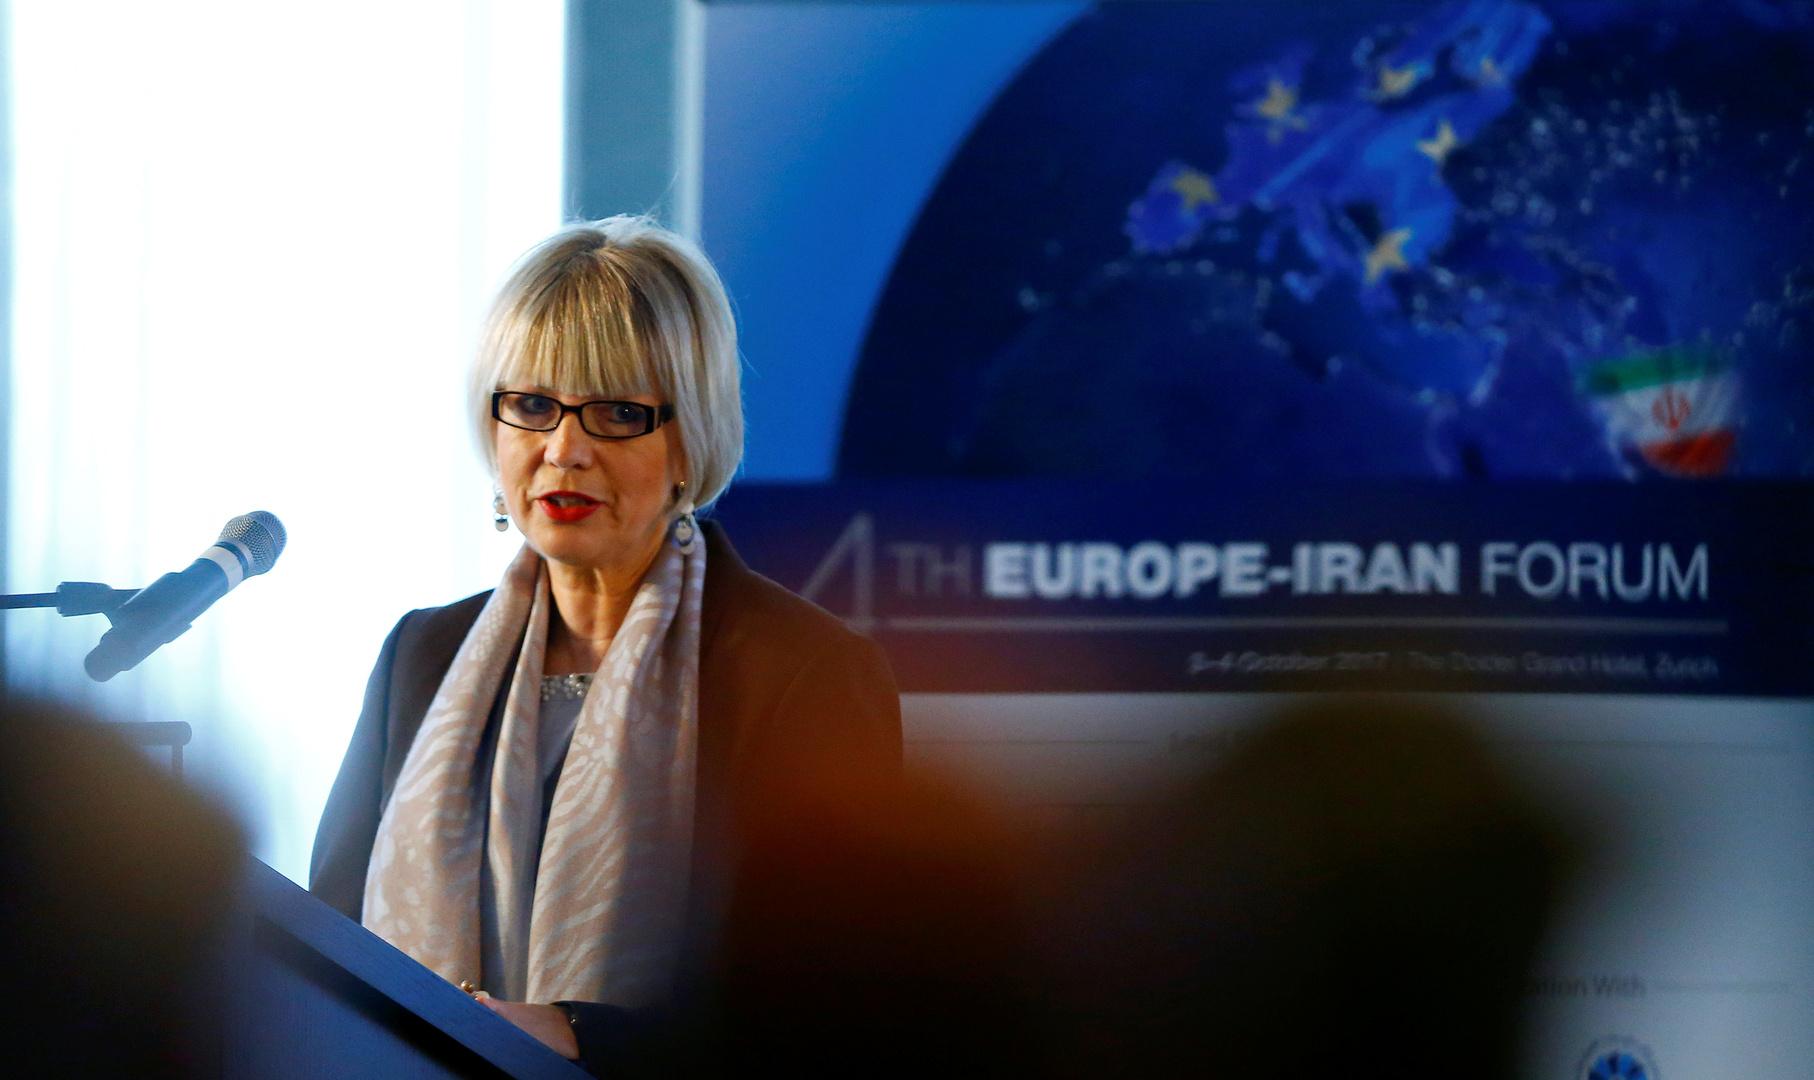 رئيسة لجنة خطة العمل الشاملة المشتركة: لا يحق لواشنطن العمل لإعادة عقوبات الأمم المتحدة ضد إيران